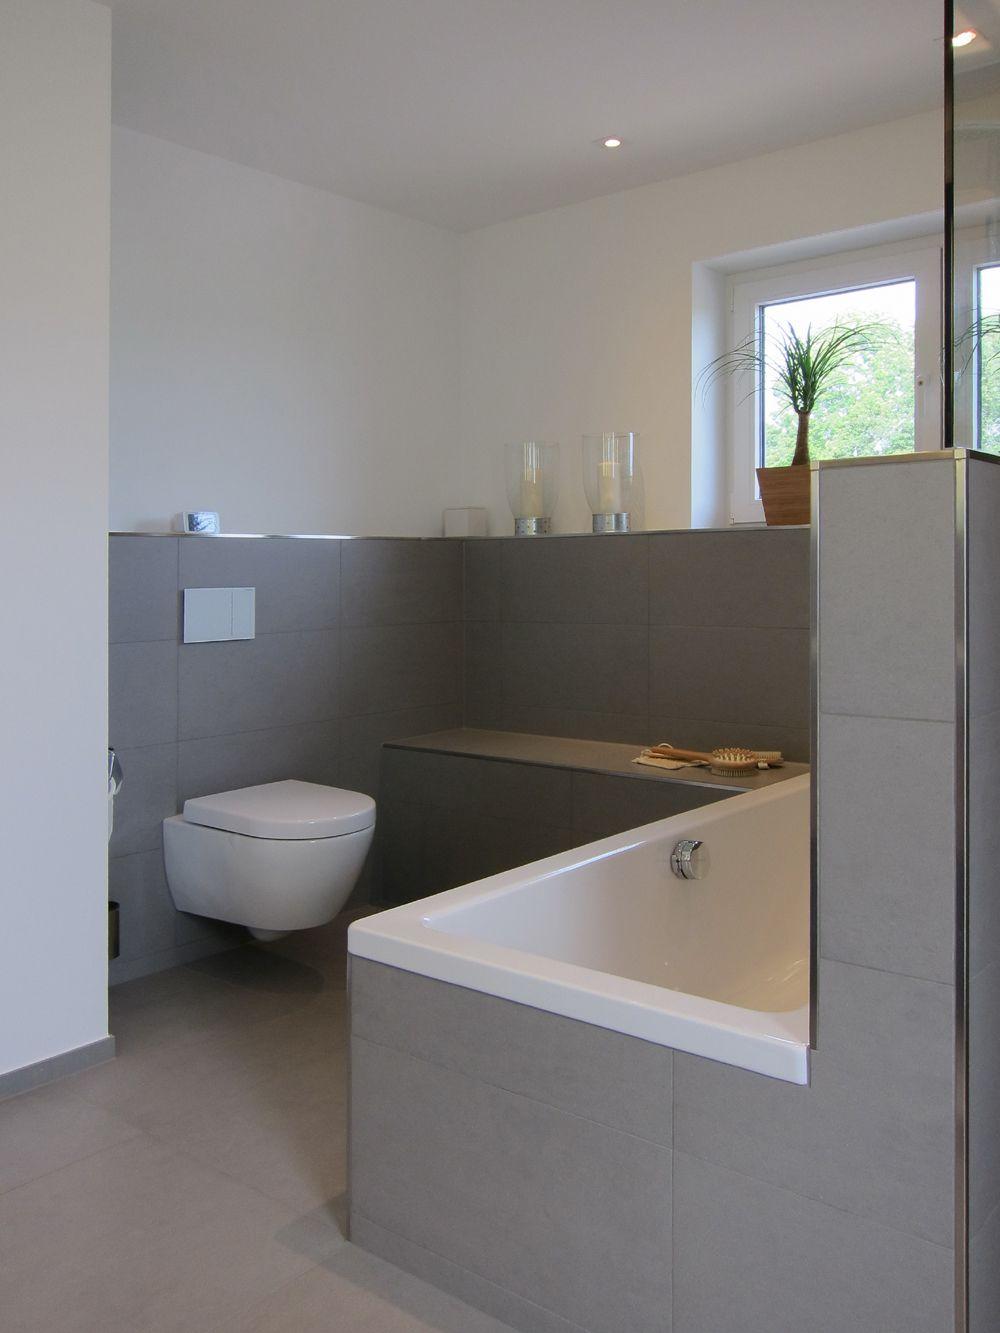 das wc im familienbad einrichten und wohnen in 2019. Black Bedroom Furniture Sets. Home Design Ideas